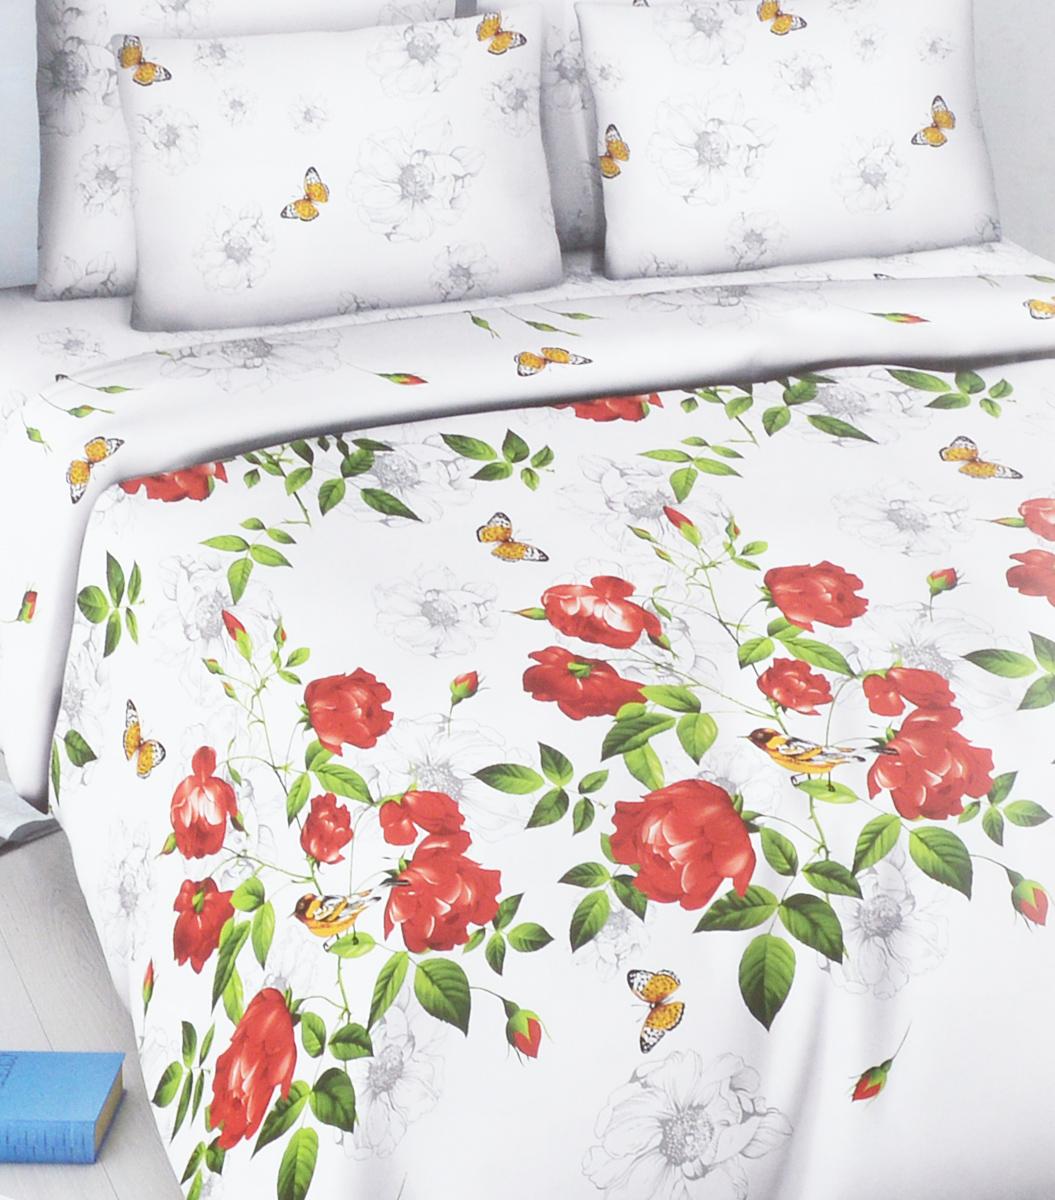 Комплект белья Василиса Свежесть утра, семейный, наволочки 70х705664/сКомплект белья Василиса Свежесть утра, выполненный из набивной бязи (100% хлопок), состоит из двух пододеяльников, простыни и двух наволочек. Бязь - хлопчатобумажная ткань полотняного переплетения без искусственных добавок. Большое количество нитей делает эту ткань более плотной, более долговечной. Высокая плотность ткани позволяет сохранить форму изделия, его первоначальные размеры и первозданный рисунок. Приобретая комплект постельного белья Василиса, вы можете быть уверенны в том, что покупка доставит вам и вашим близким удовольствие и подарит максимальный комфорт.